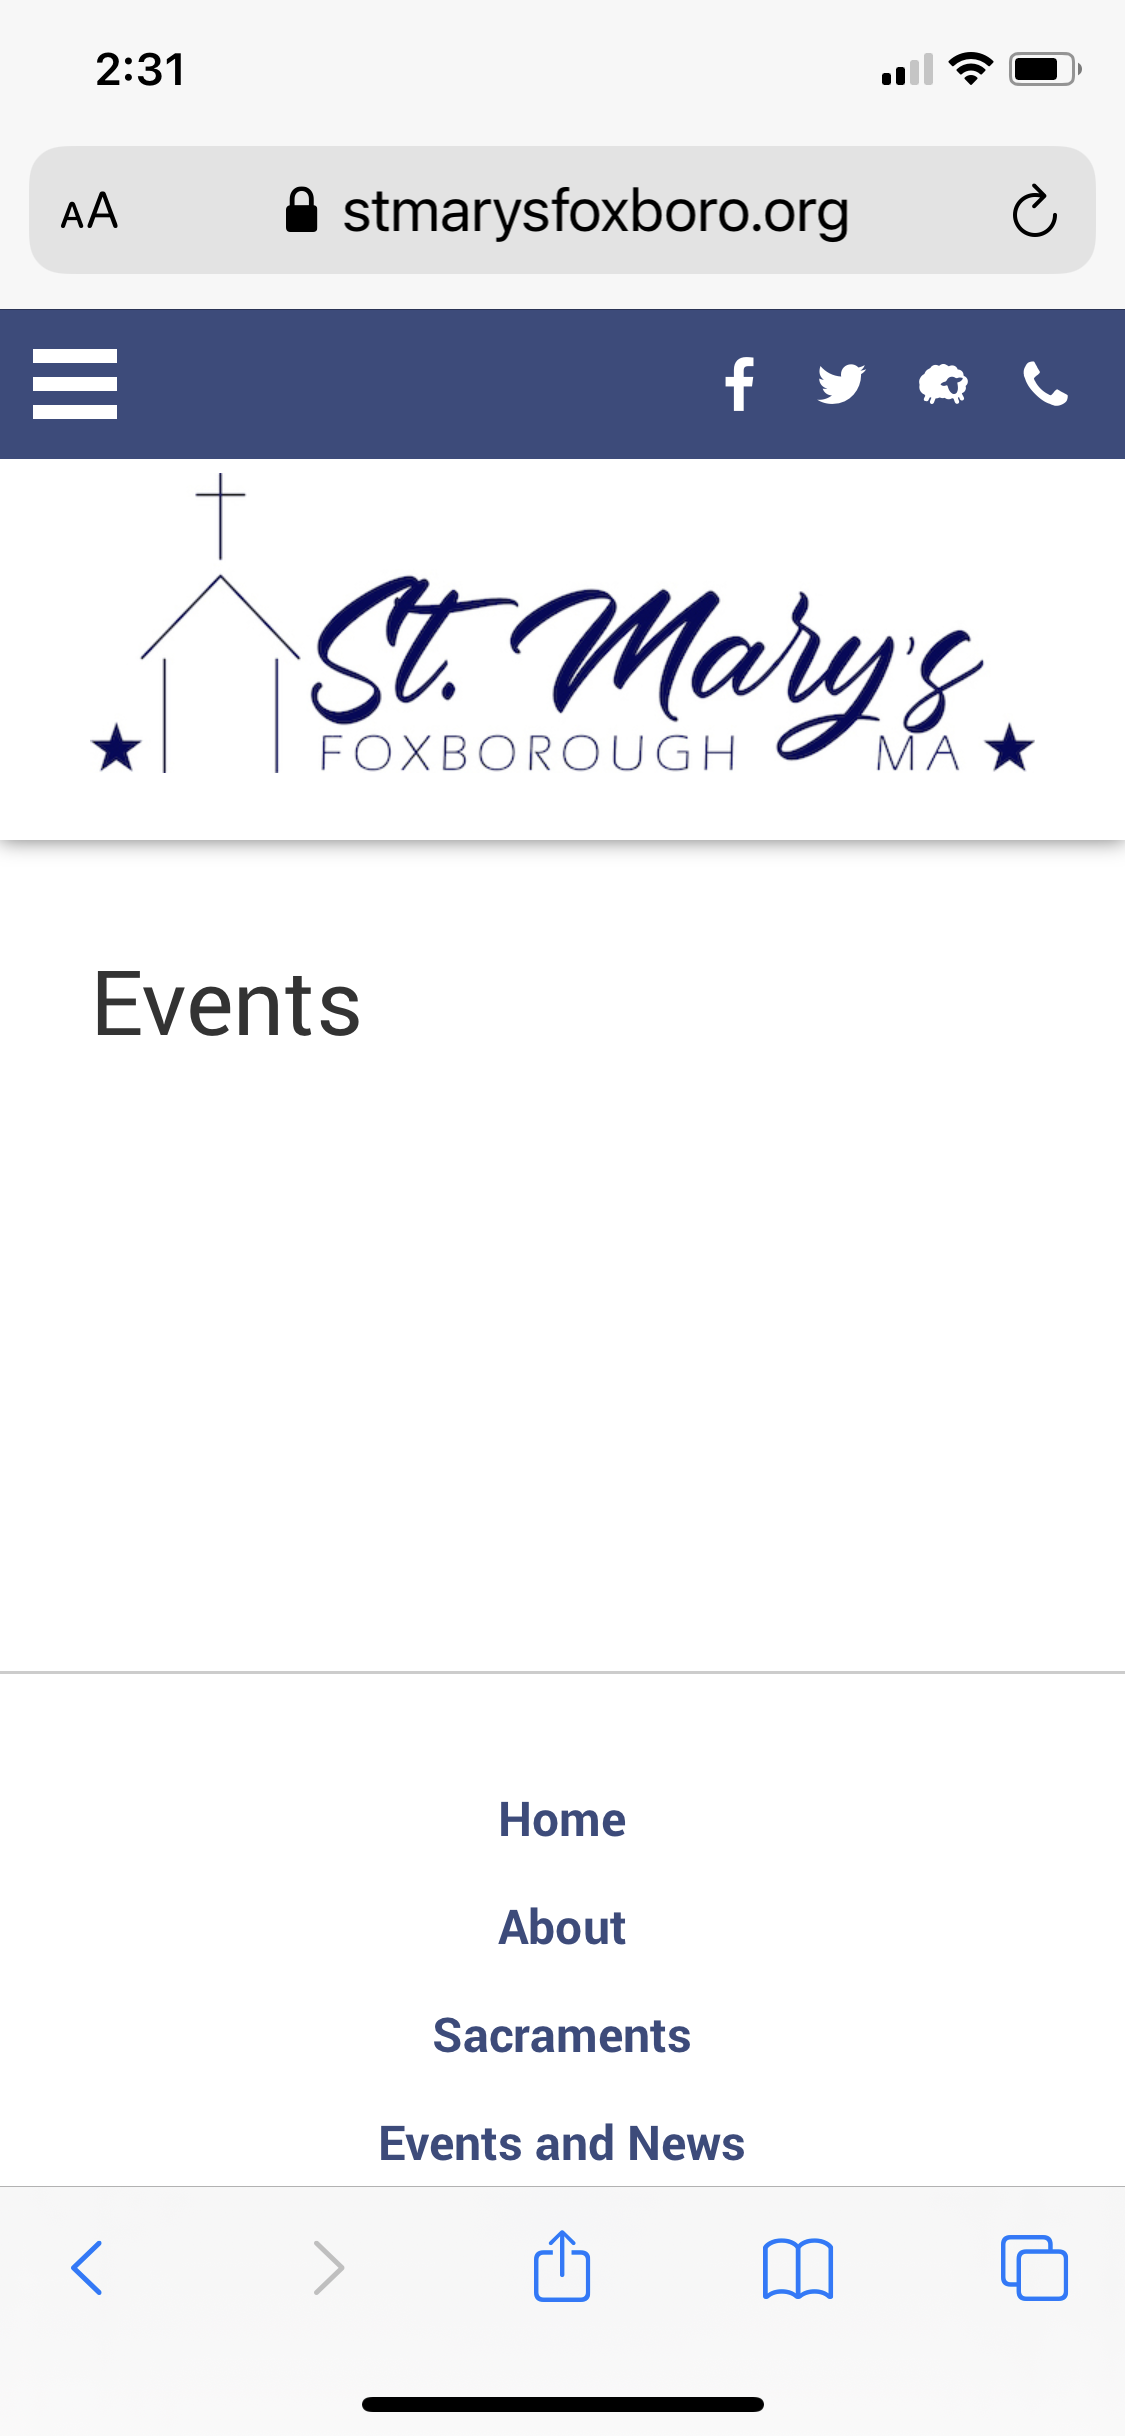 St. Mary's Christmas Fair